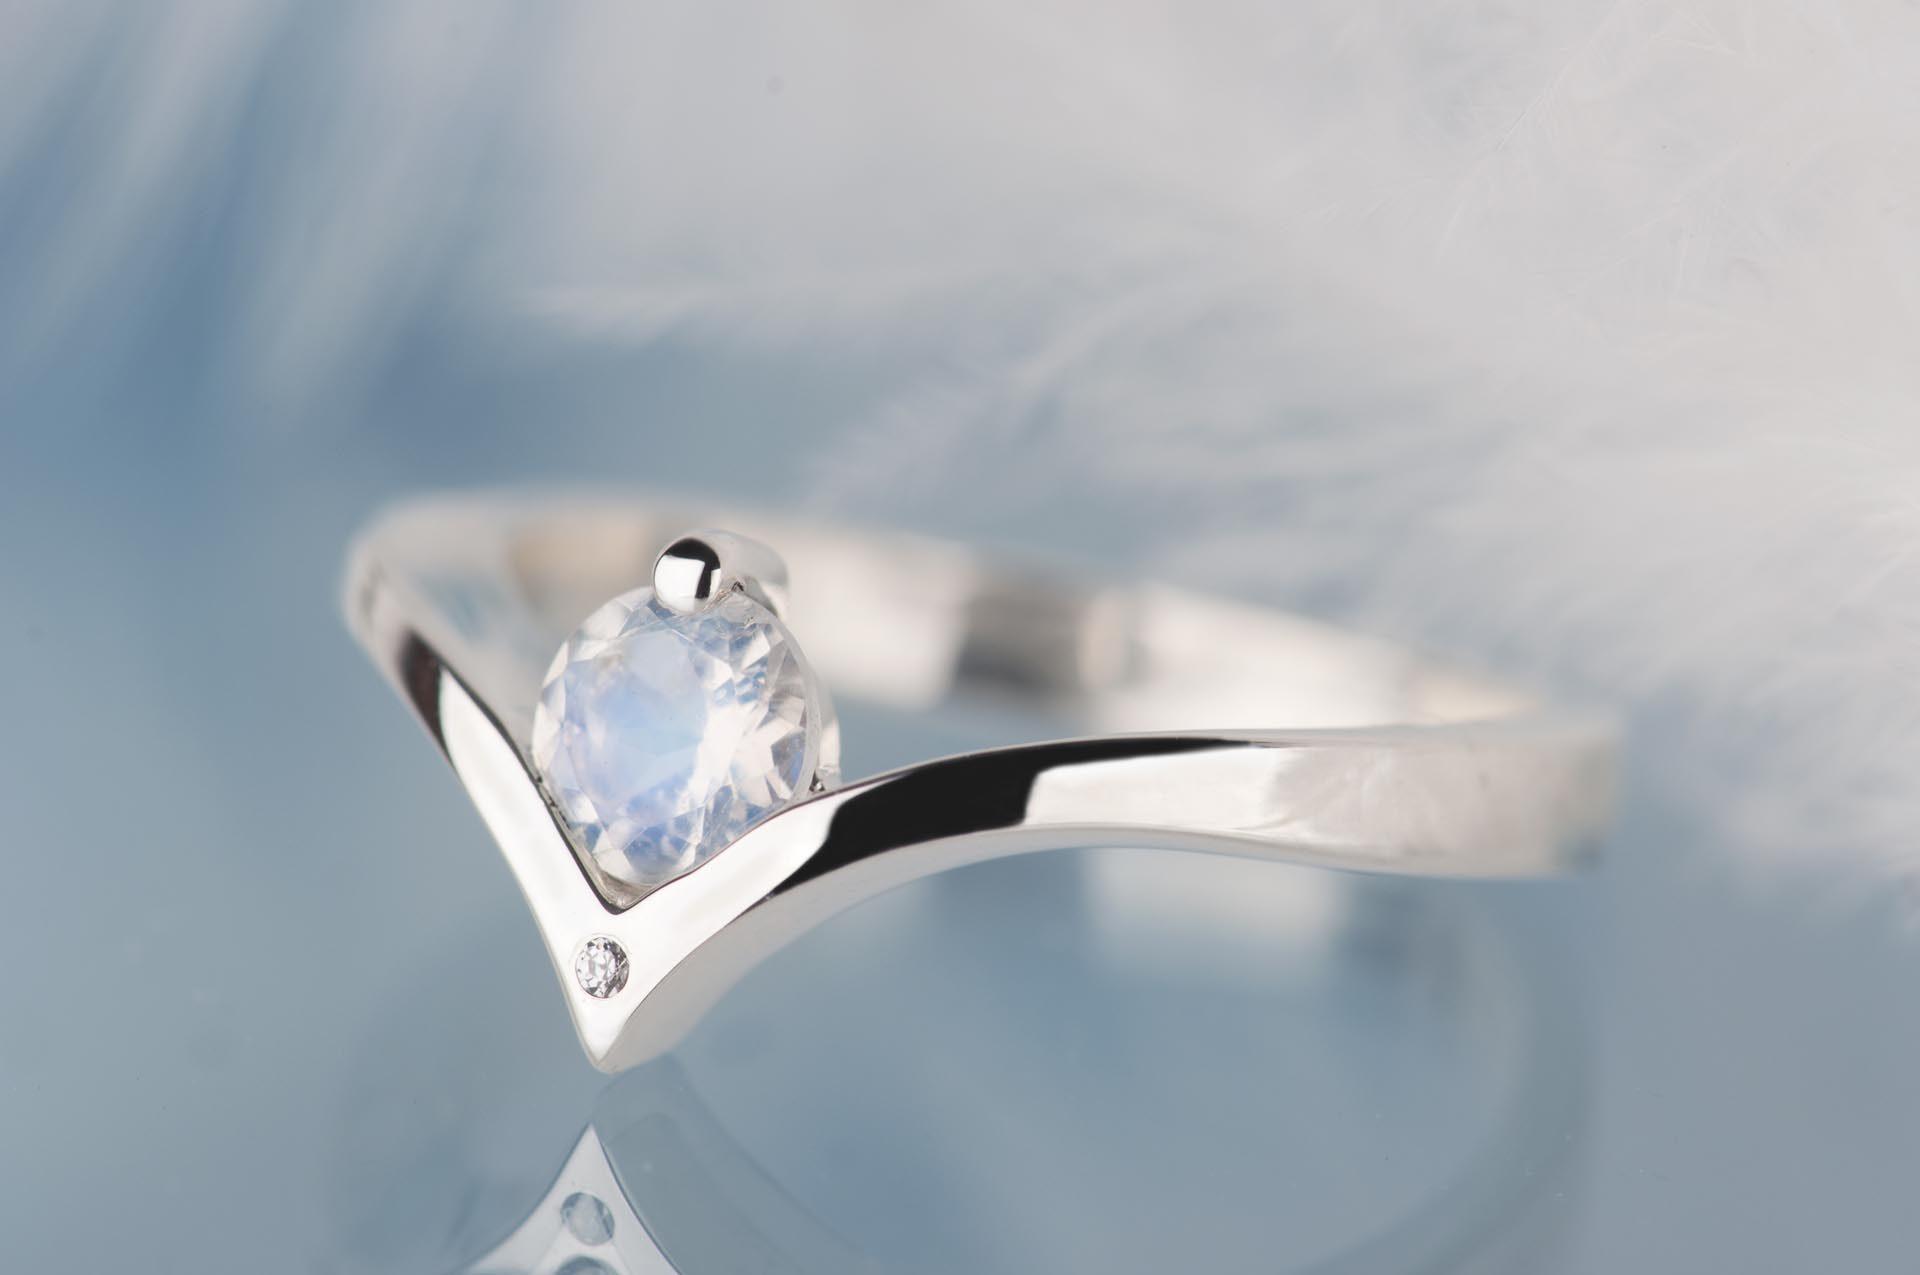 srebrny pierścionek zkamieniem księżycowym idiamentem